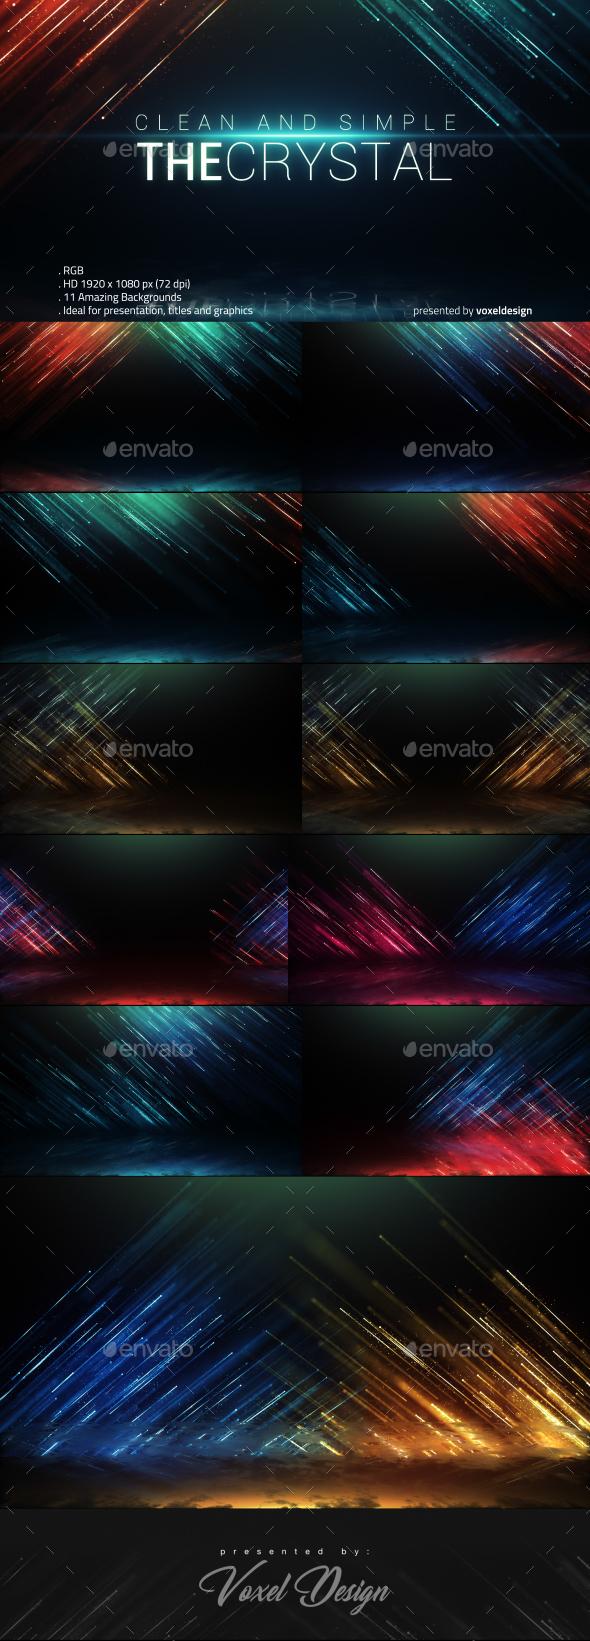 奢华光效水晶粒子线帘背景展示颁奖晚会时尚典礼年会活动现代标题片头-AE模板